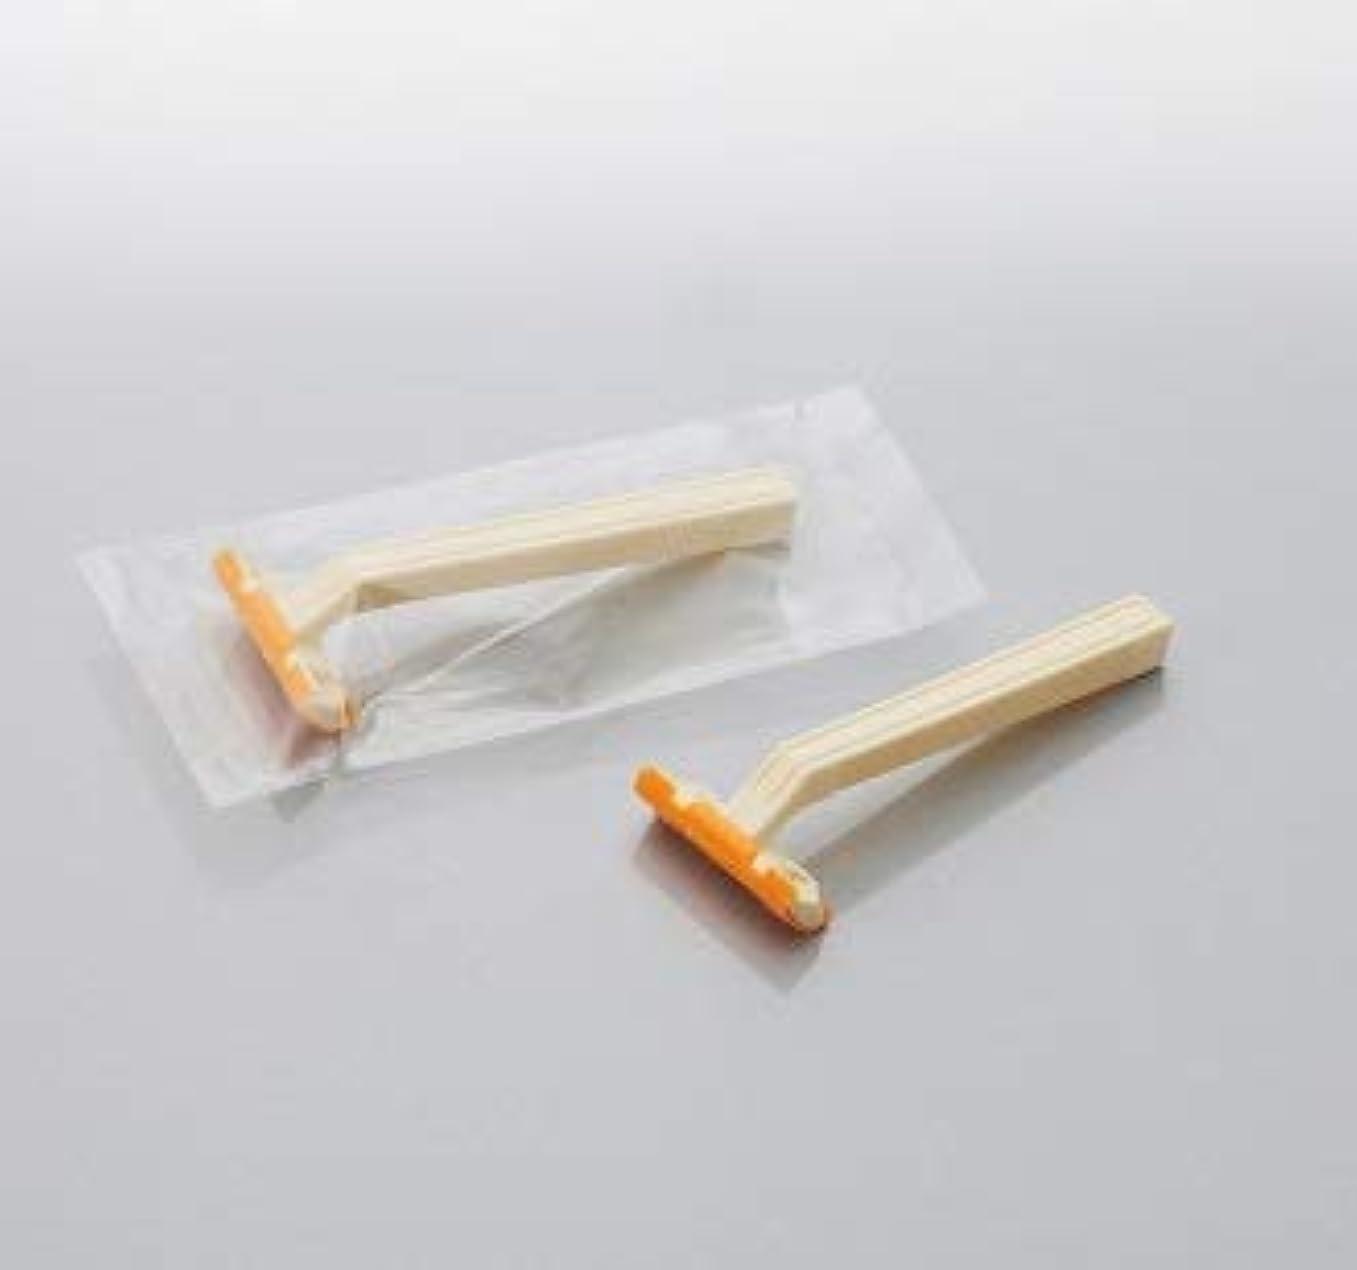 端末いつ風景カミソリ アメニティロード2 固定式2枚刃2000本 透明OP袋入 daito